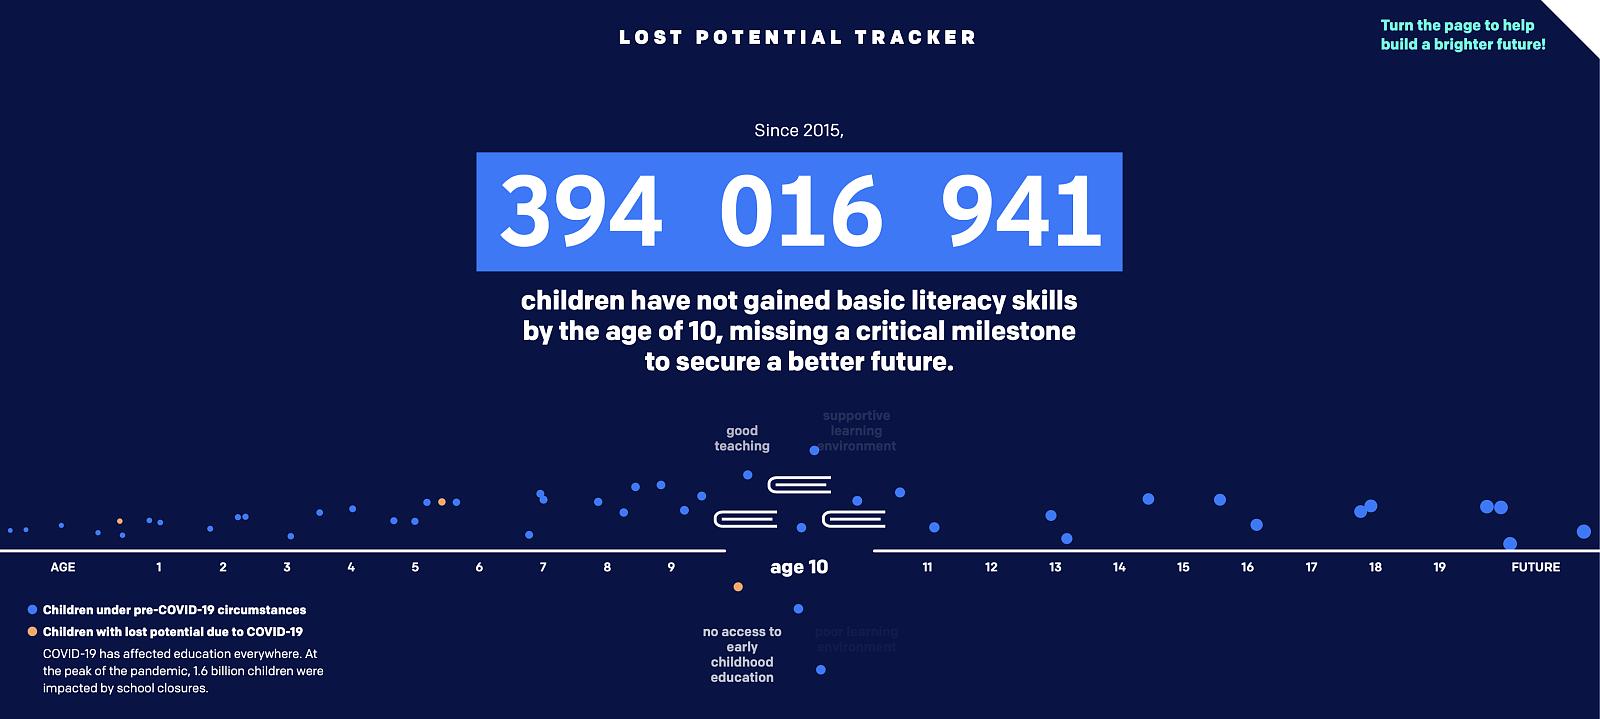 Licznik dzieci, które utraciły szansę na naukę. https://lostpotential.one.org